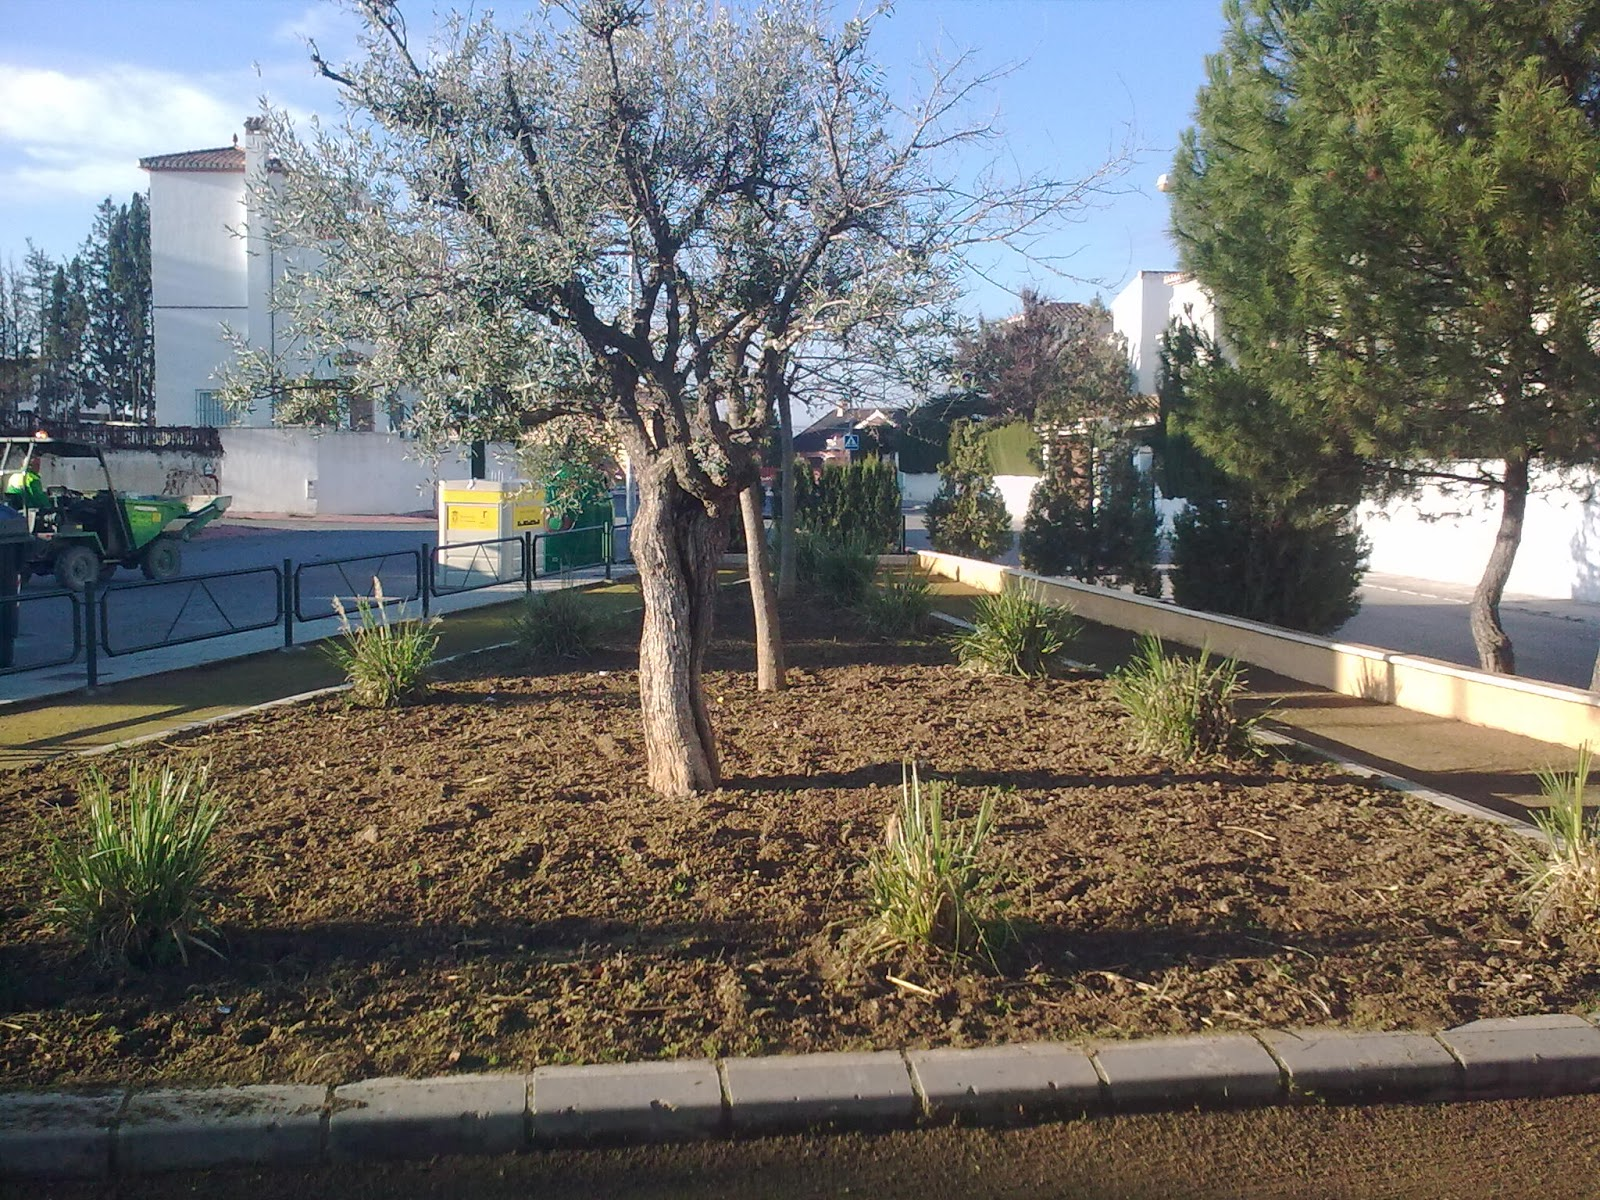 Parques y jardines de ogijares mantenimiento parque pedrizas for Mantenimiento de parques y jardines